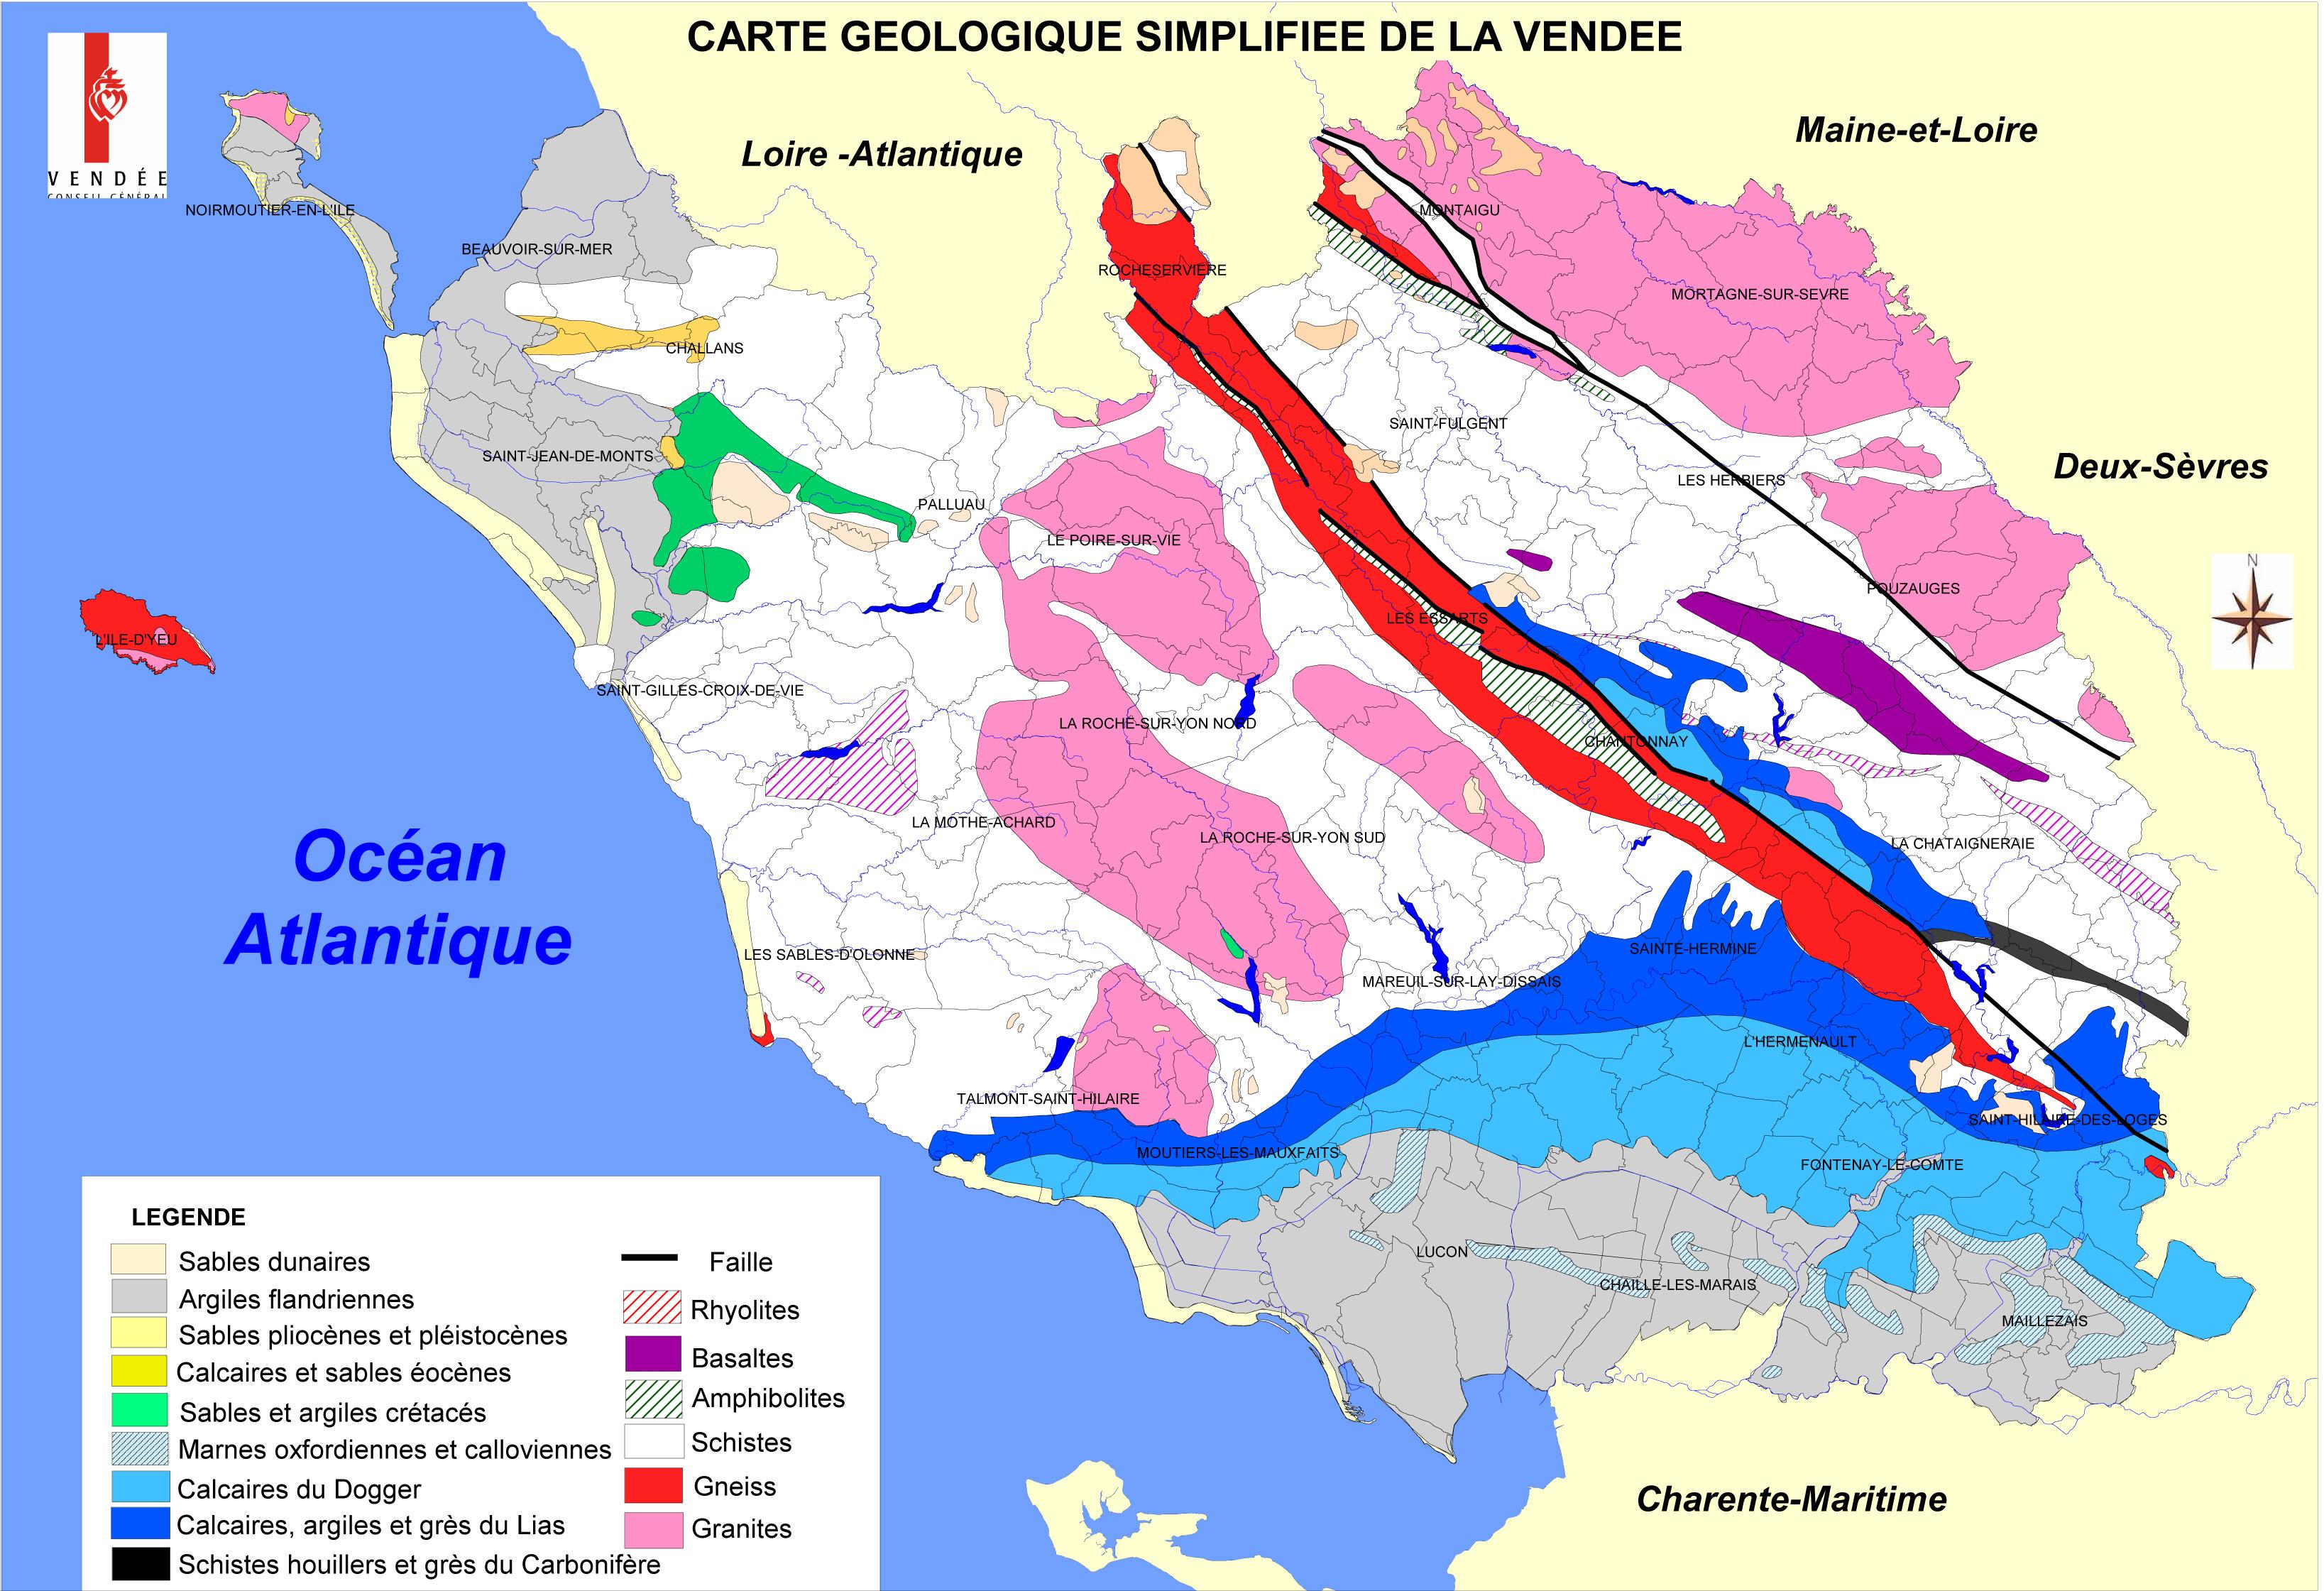 Carte g ologique 2007 association vend enne de g ologie - Chambre des notaires de loire atlantique ...